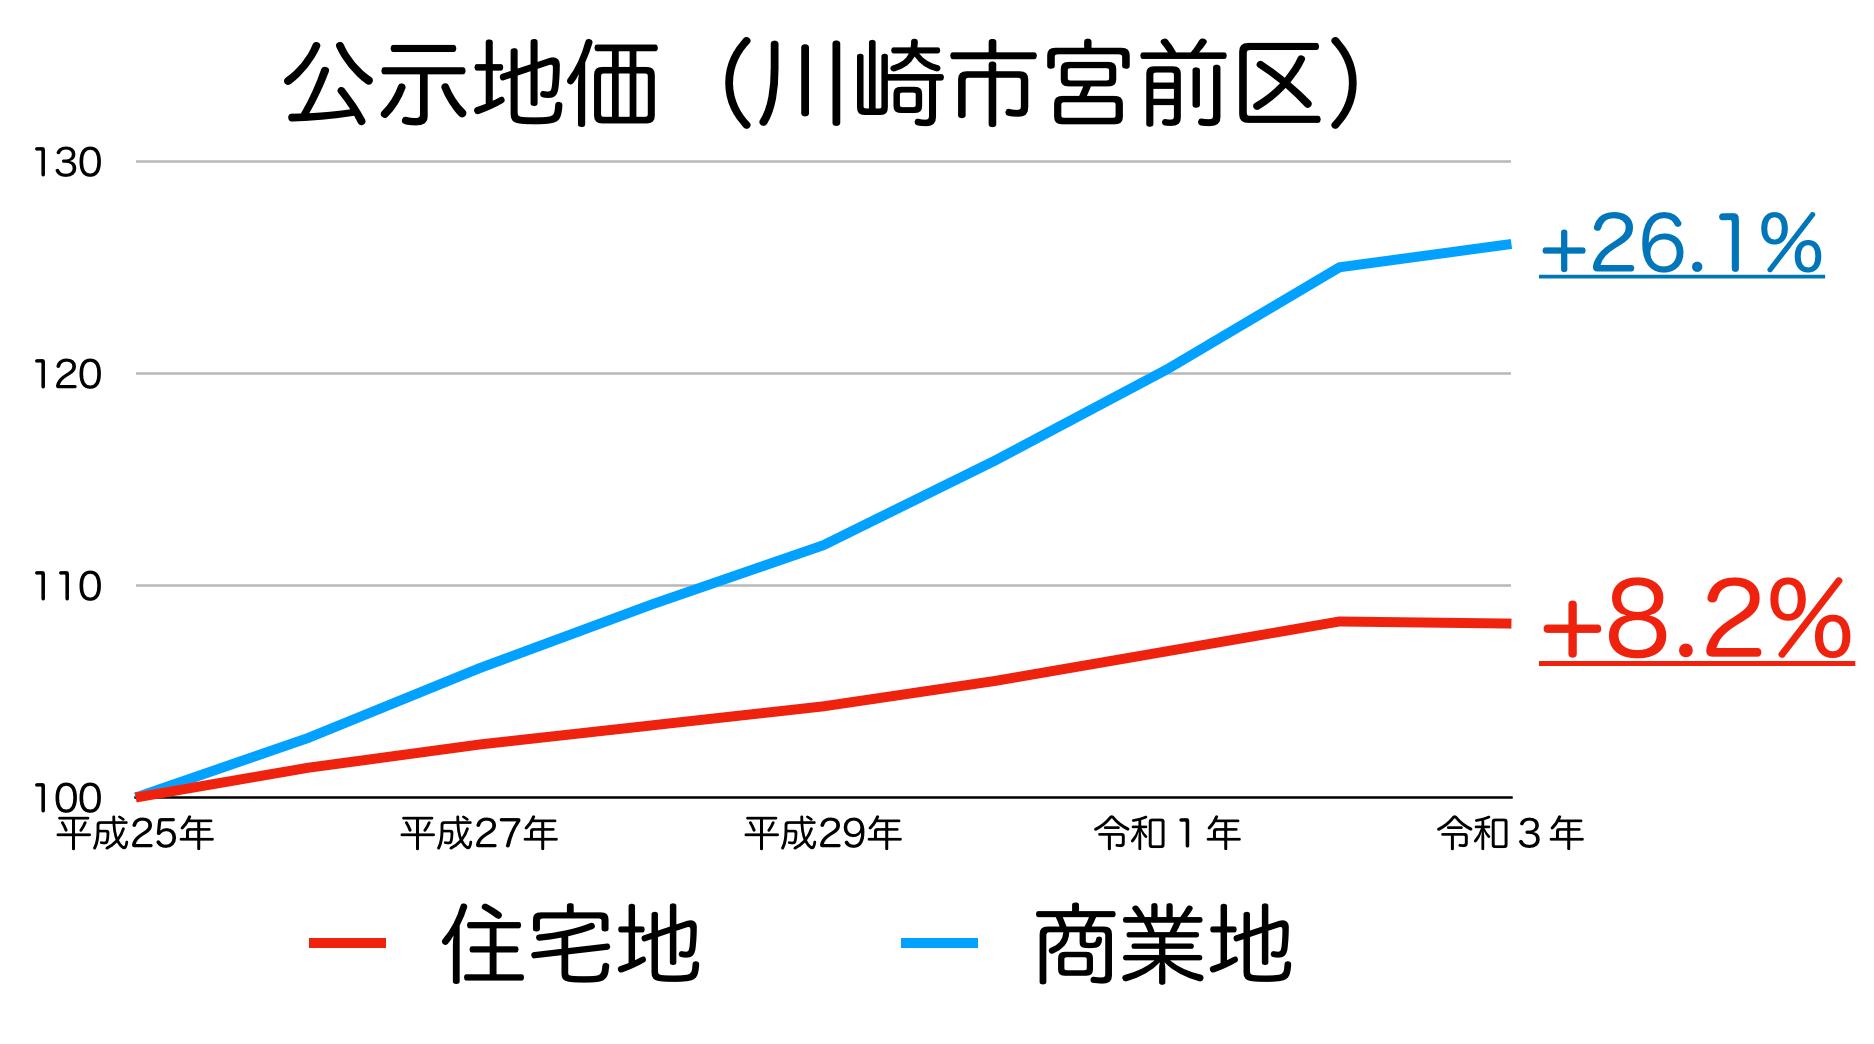 川崎市宮前区の公示地価の推移